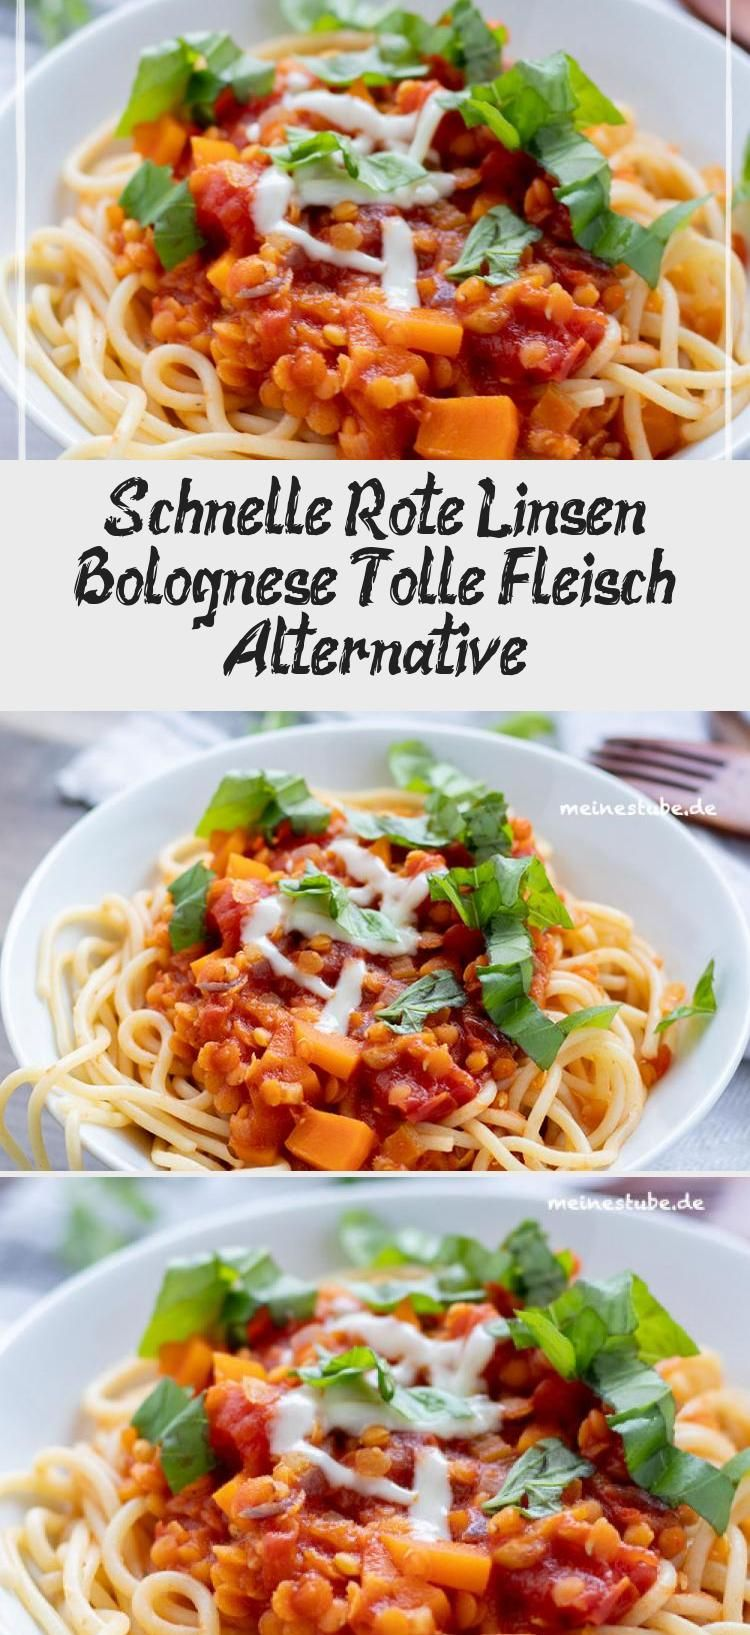 Schnelle Rote Linsen Bolognese, Tolle Fleisch Alternative